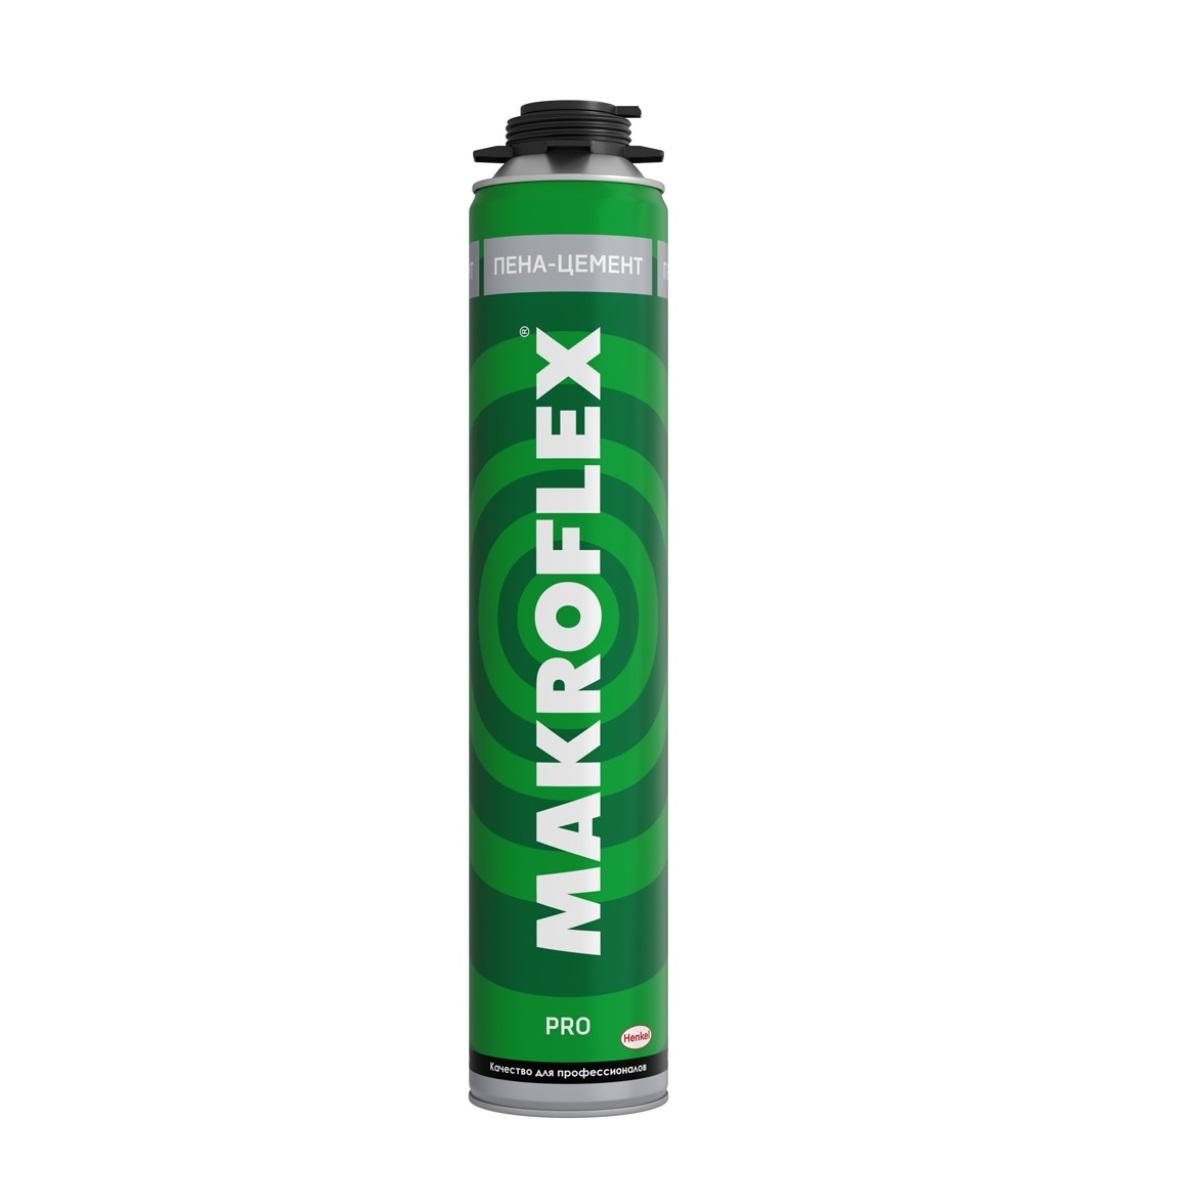 Пена профессиональная Makroflex pro пена-цемент 850 мл